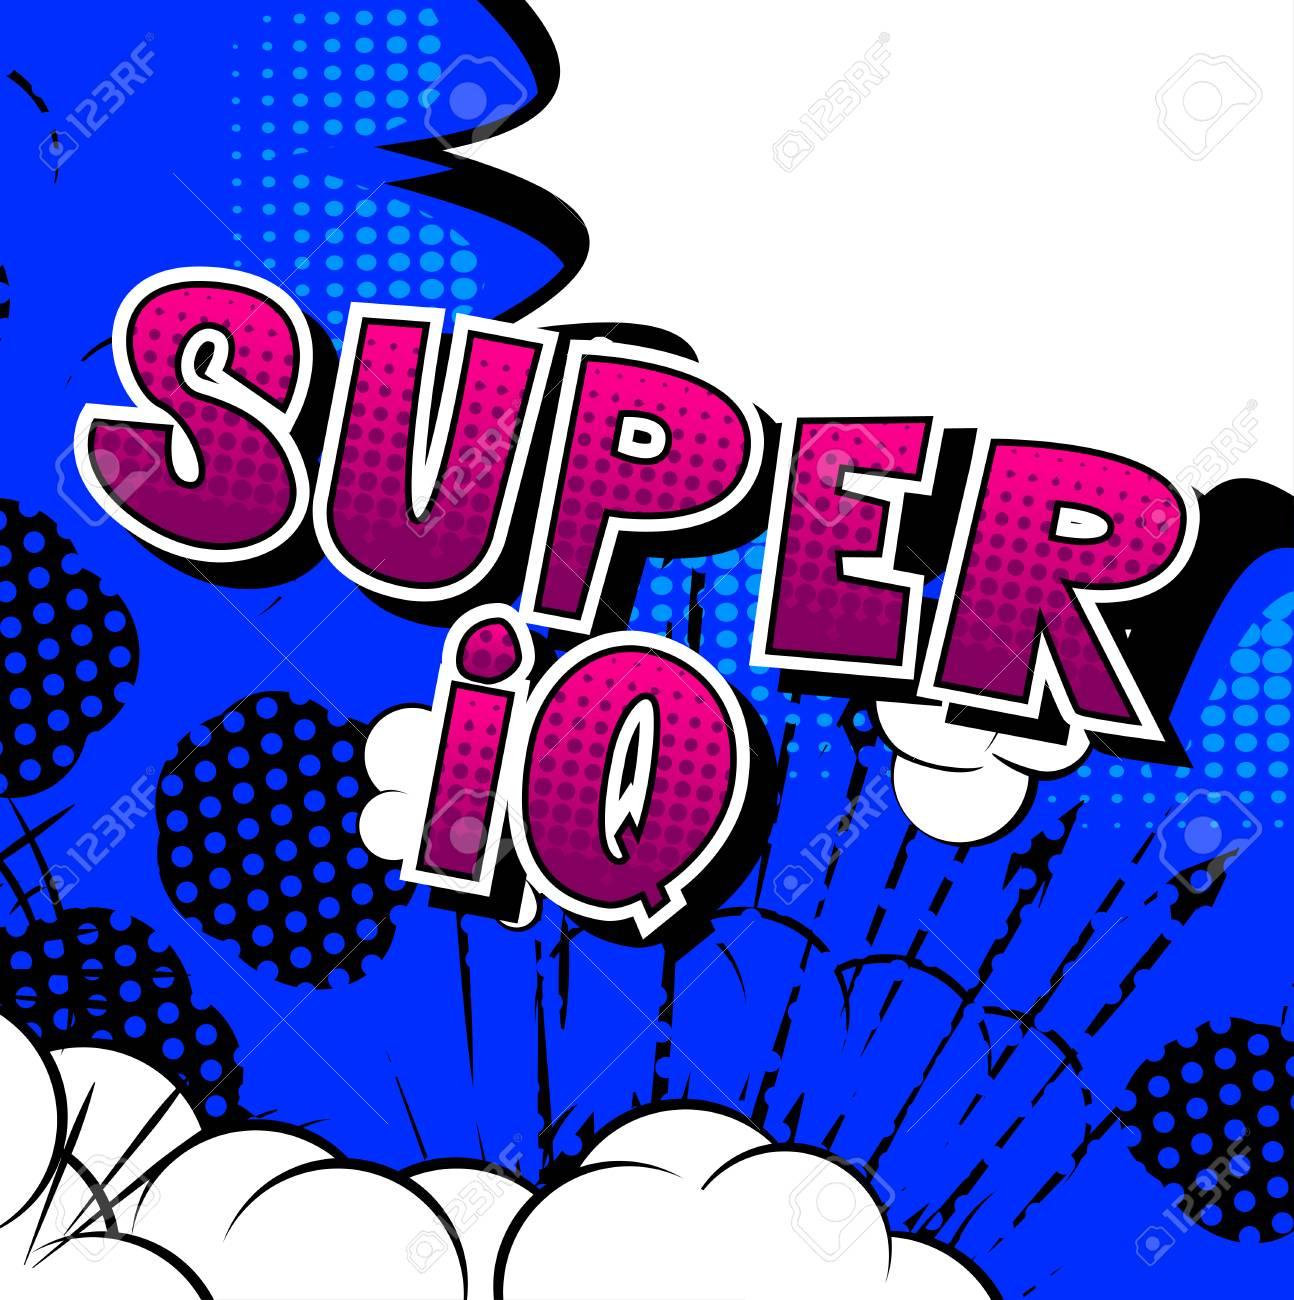 Super IQ - Vector illustrated comic book style phrase. - 108359198